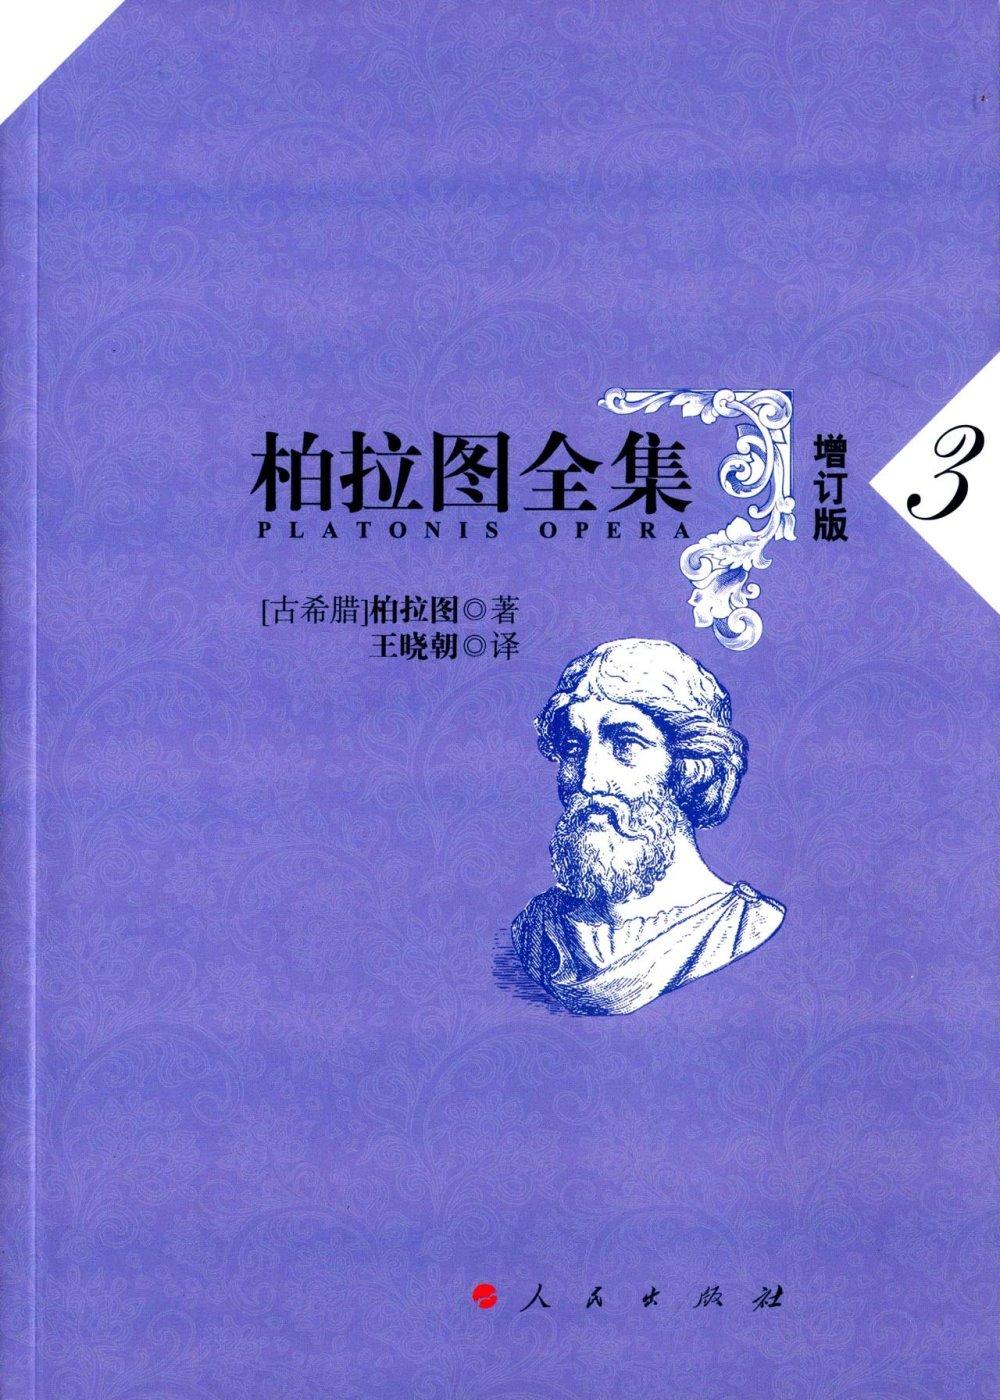 柏拉圖全集.3(增訂版)